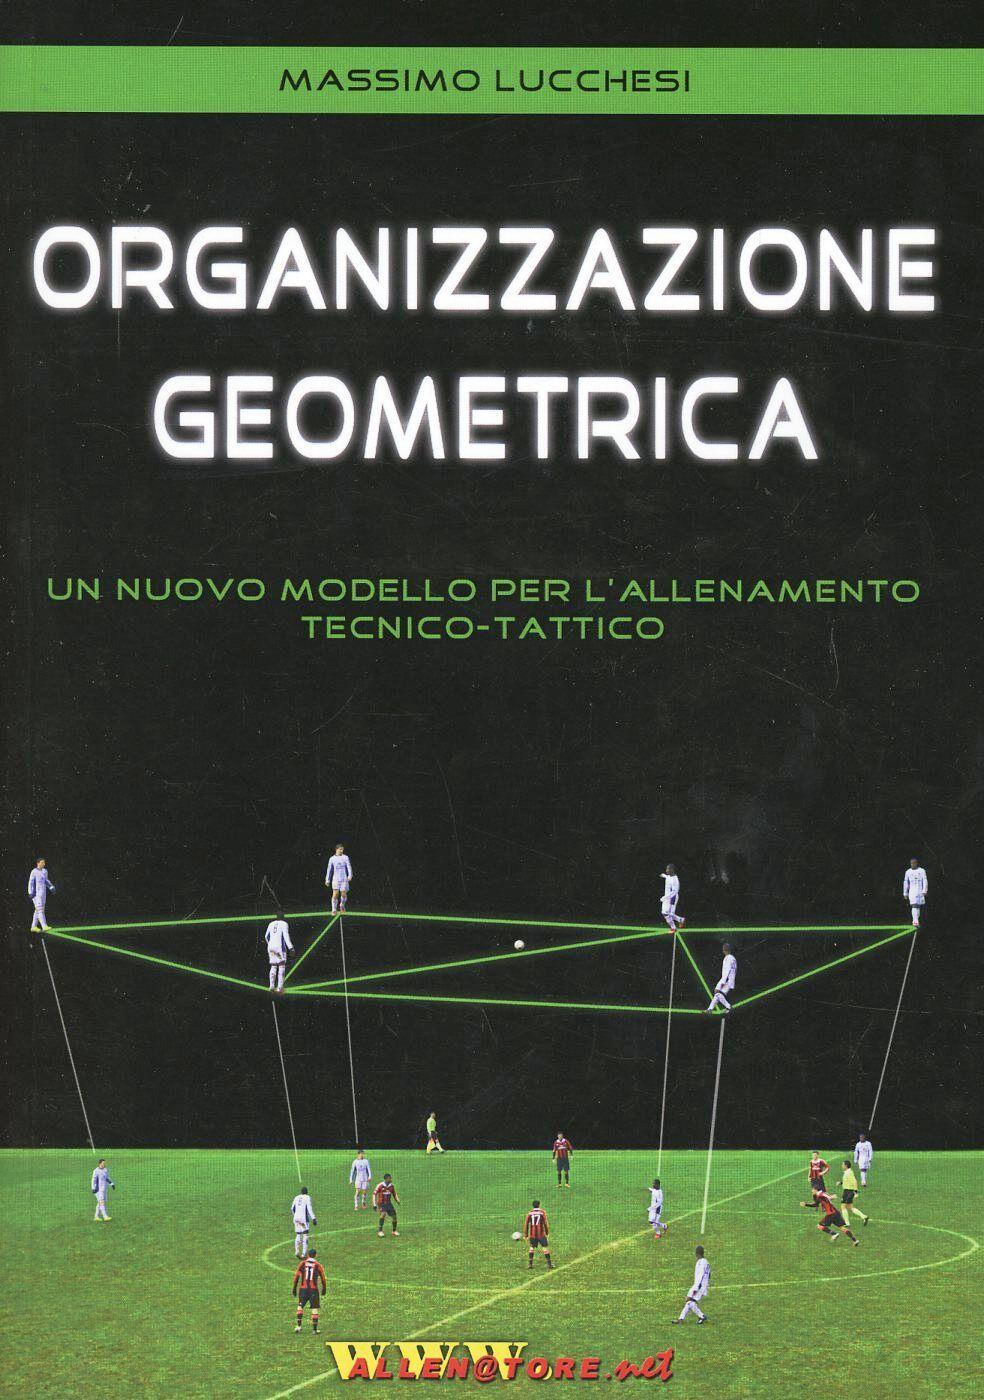 Organizzazione geometrica. Un nuovo modello per l'allenamento tecnico-tattico